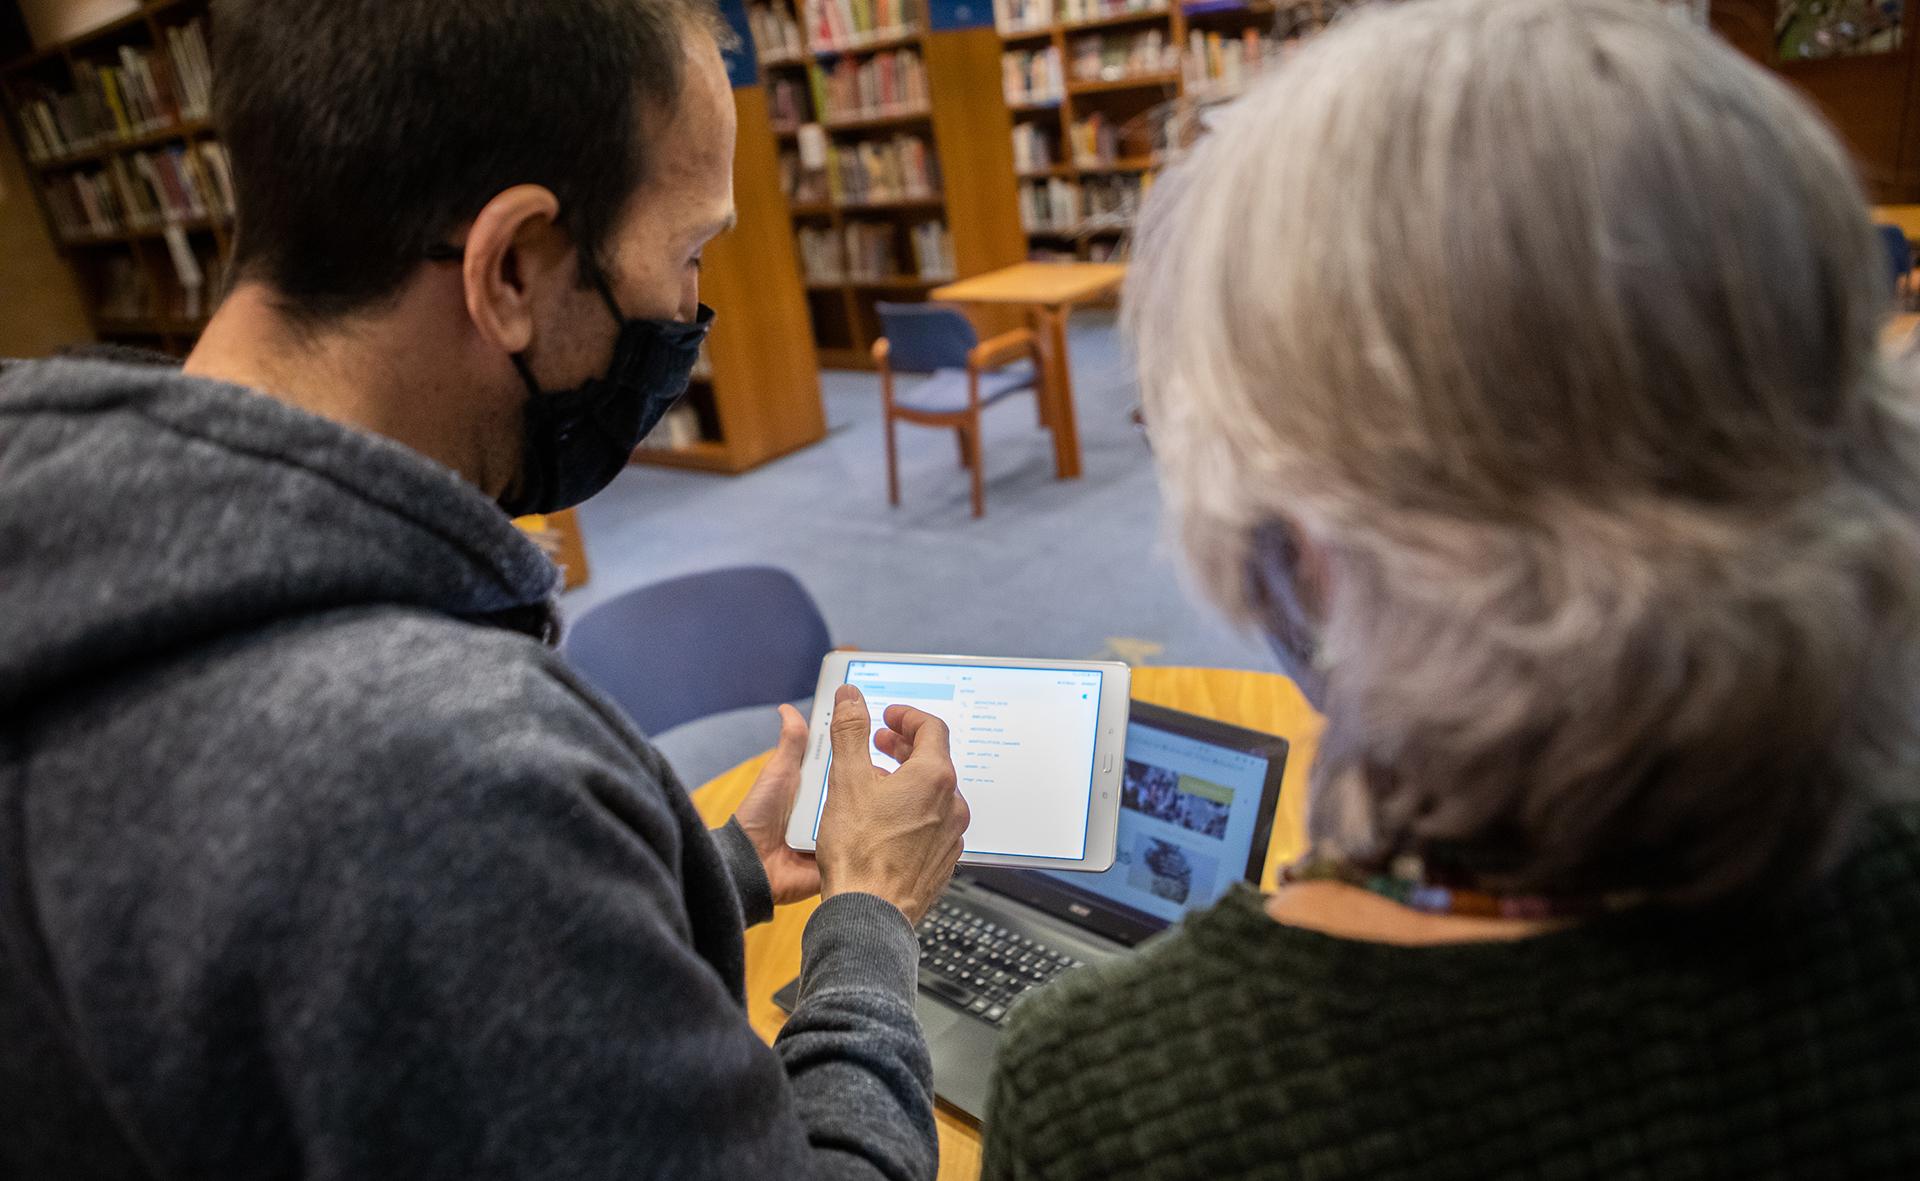 La Biblioteca Marià Vayreda incorpora un servei de formació TIC